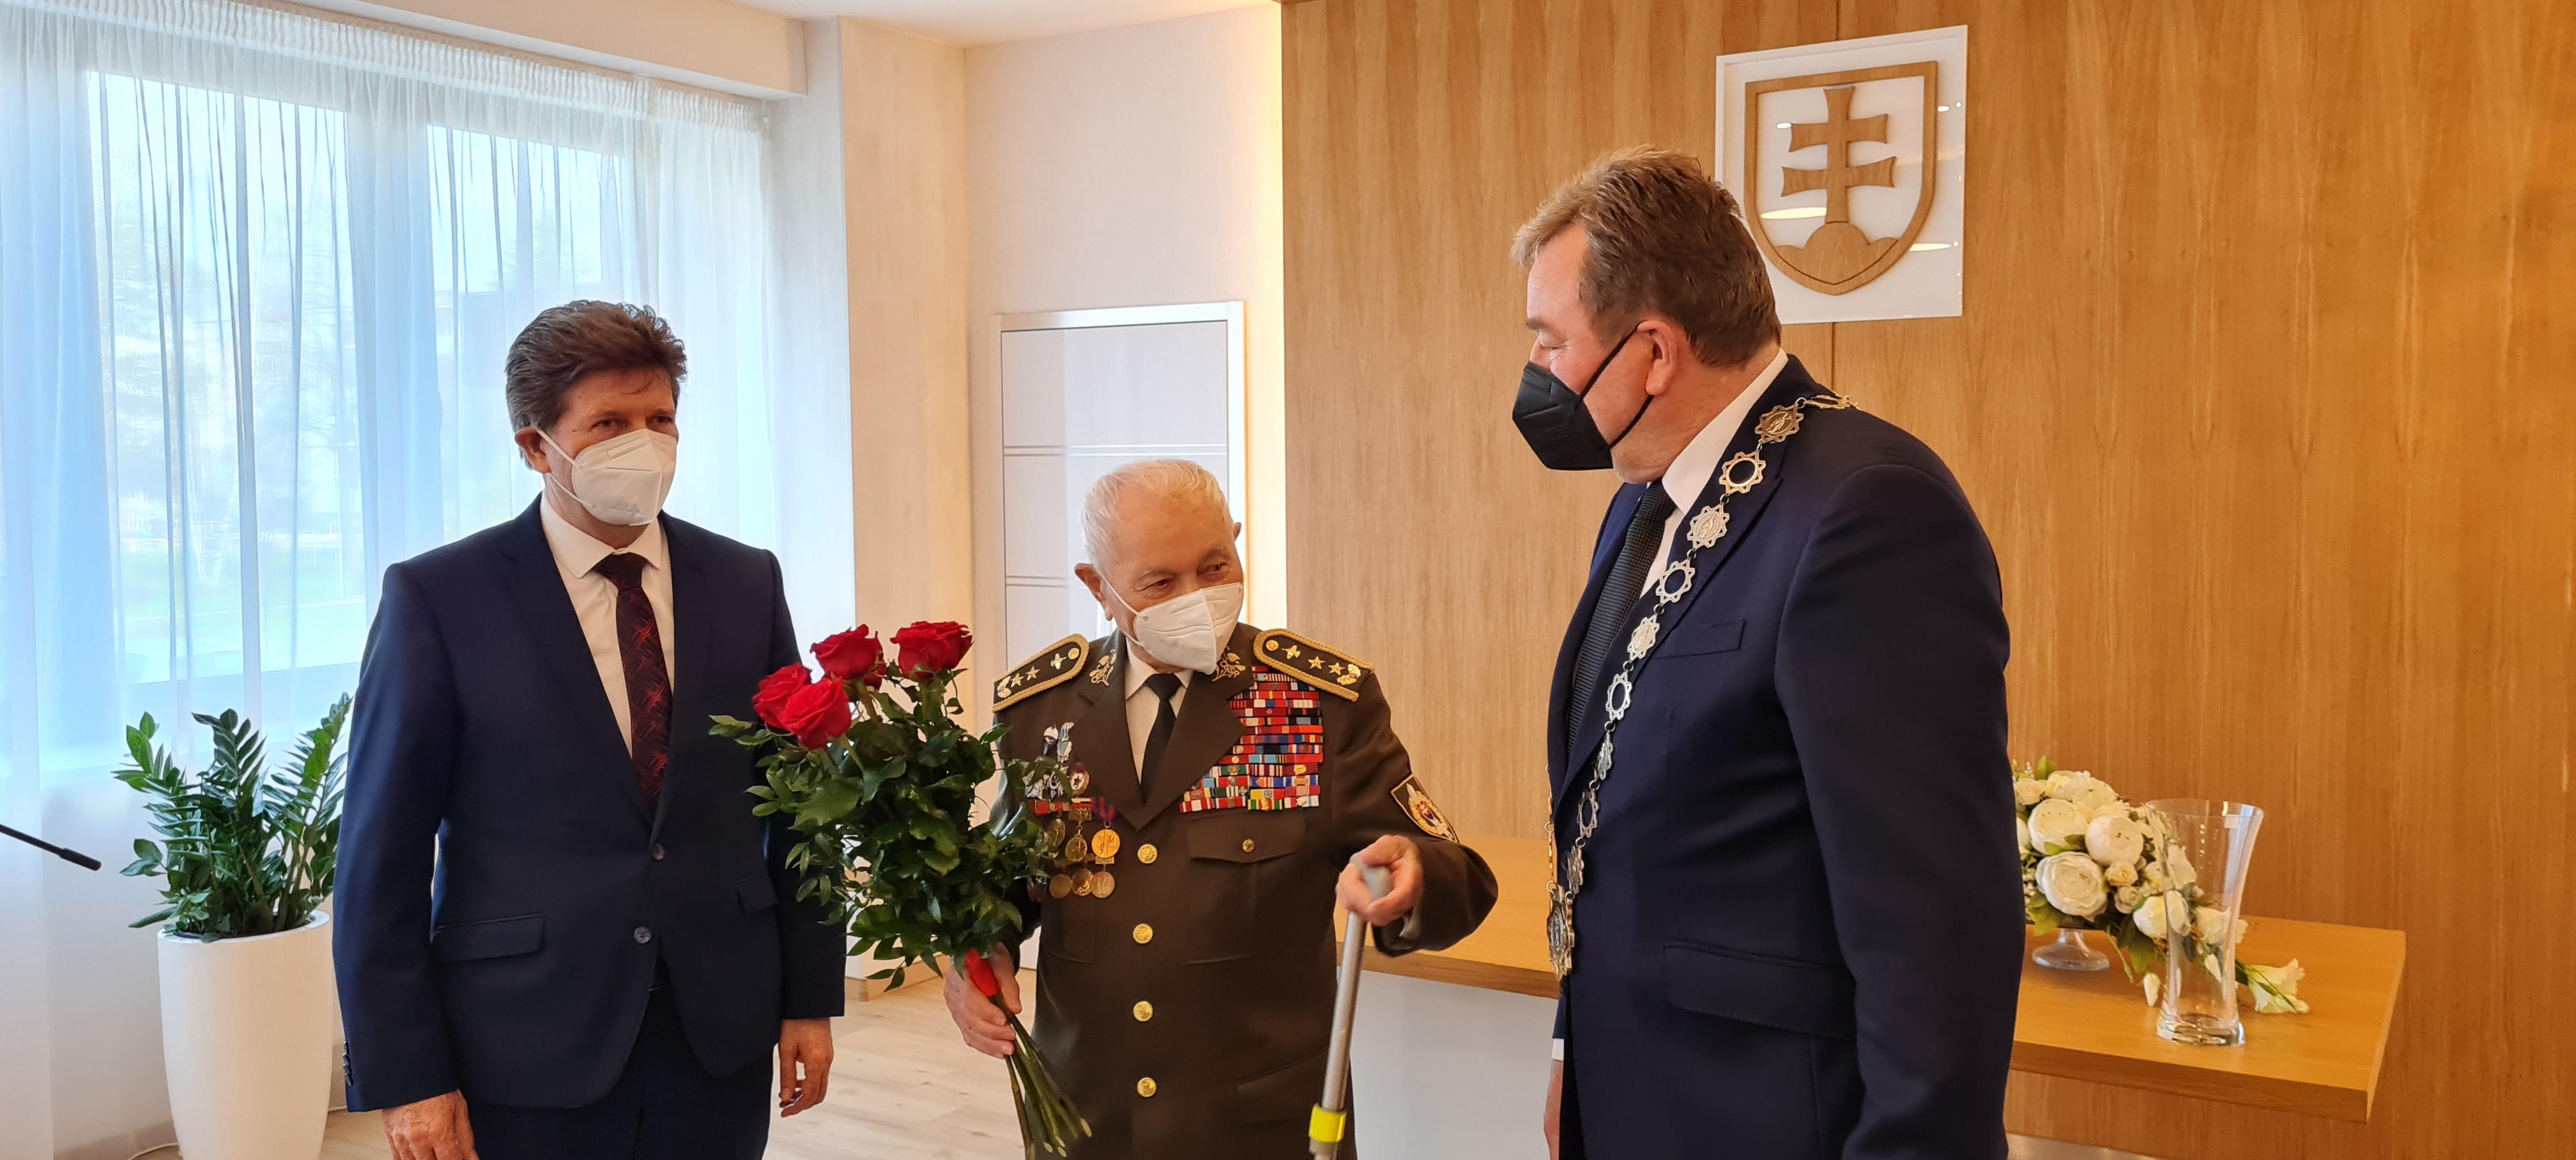 Generálmajor vo výslužbe Ján Iľanovský oslávil svoje 99. narodeniny